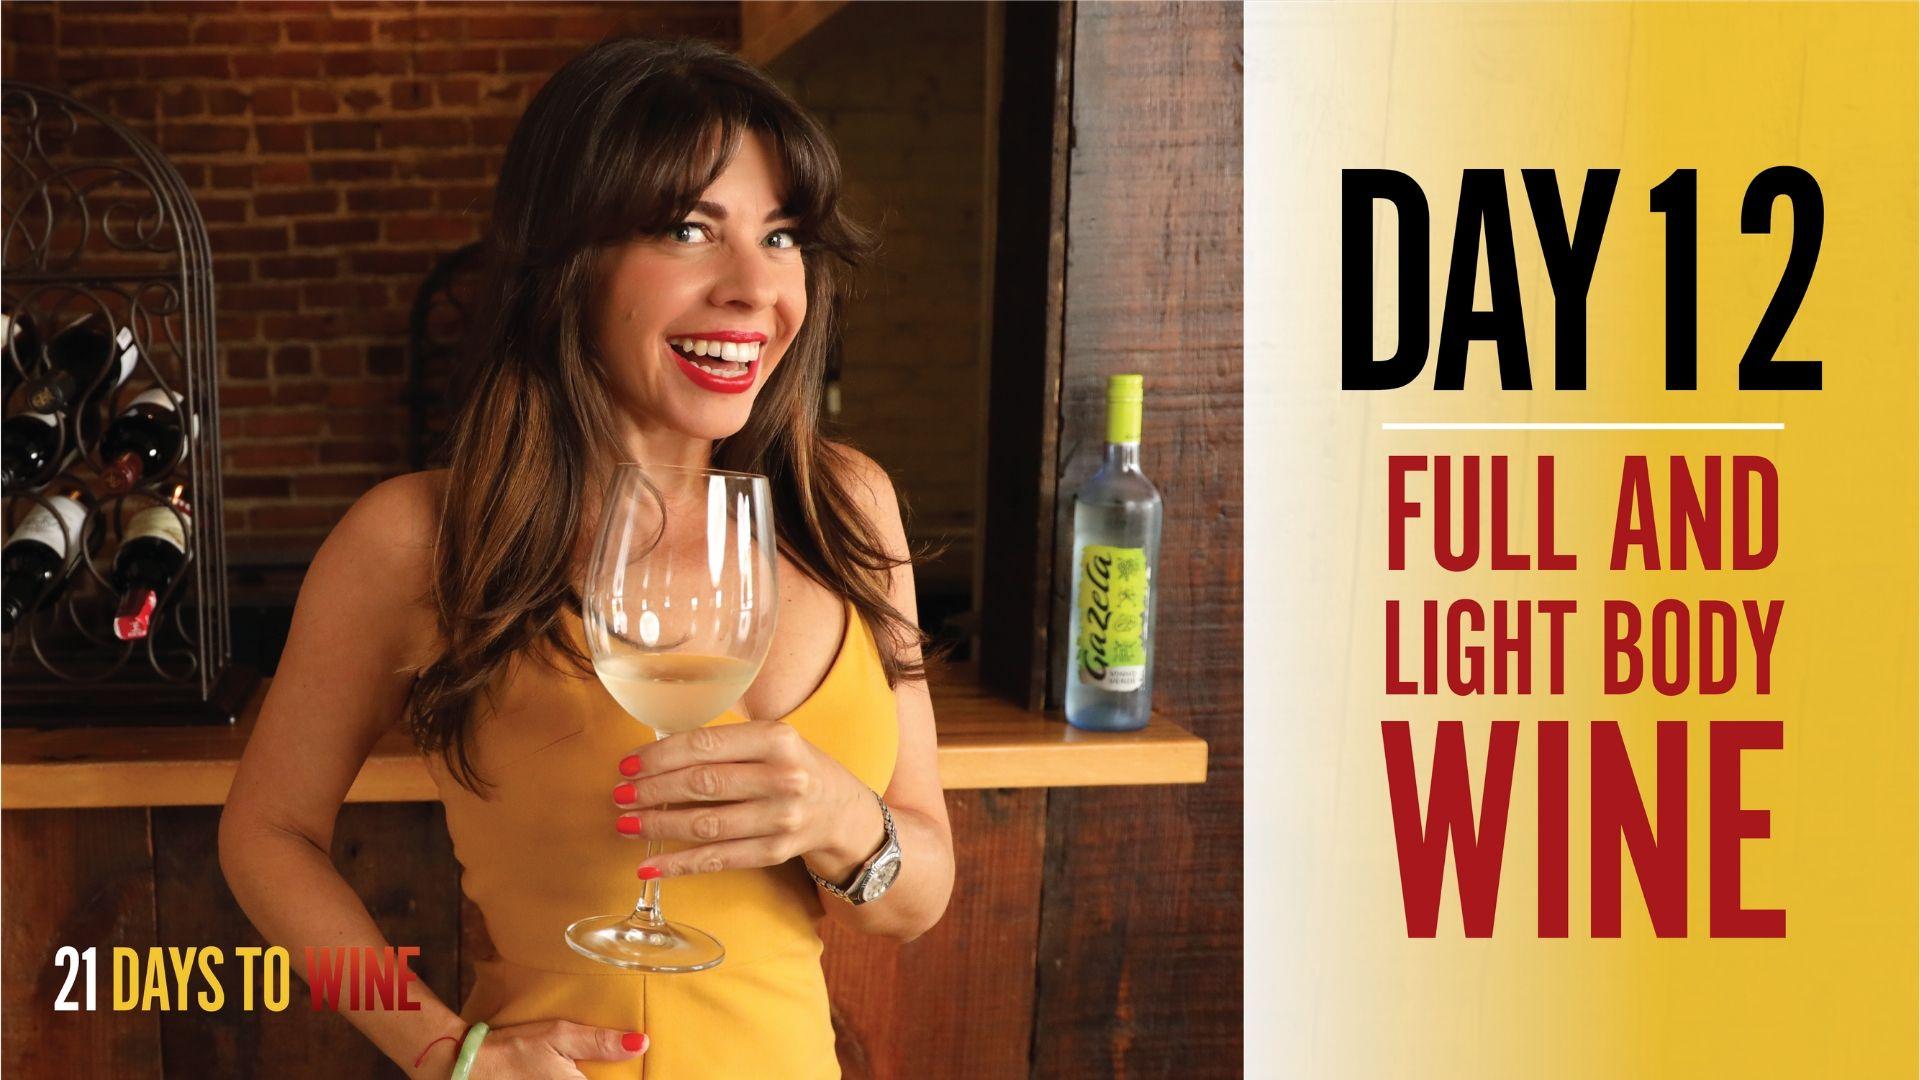 full and light body wine